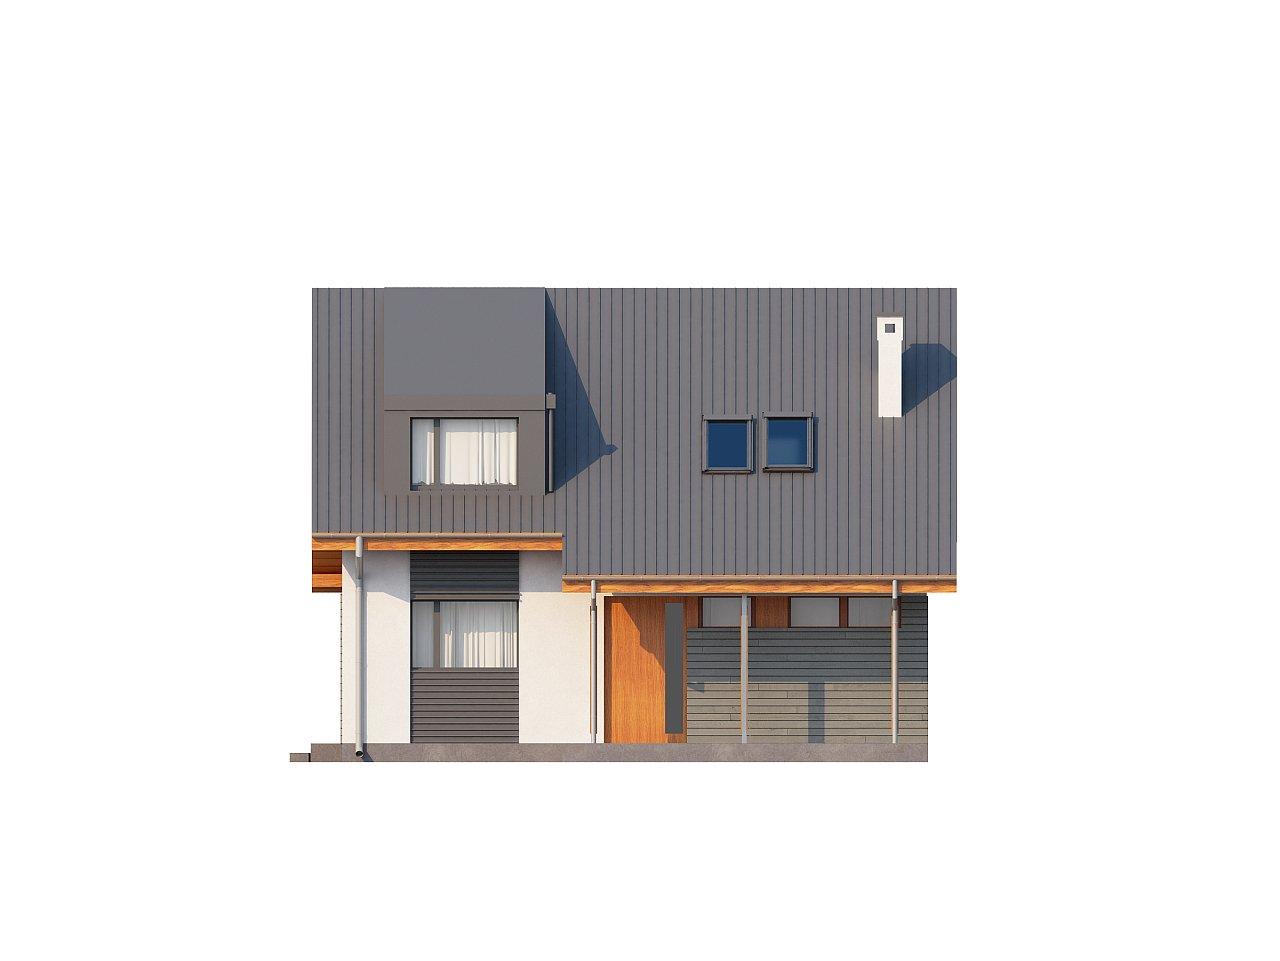 Проект небольшого практичного дома, выгодного в строительстве и эксплуатации. - фото 3